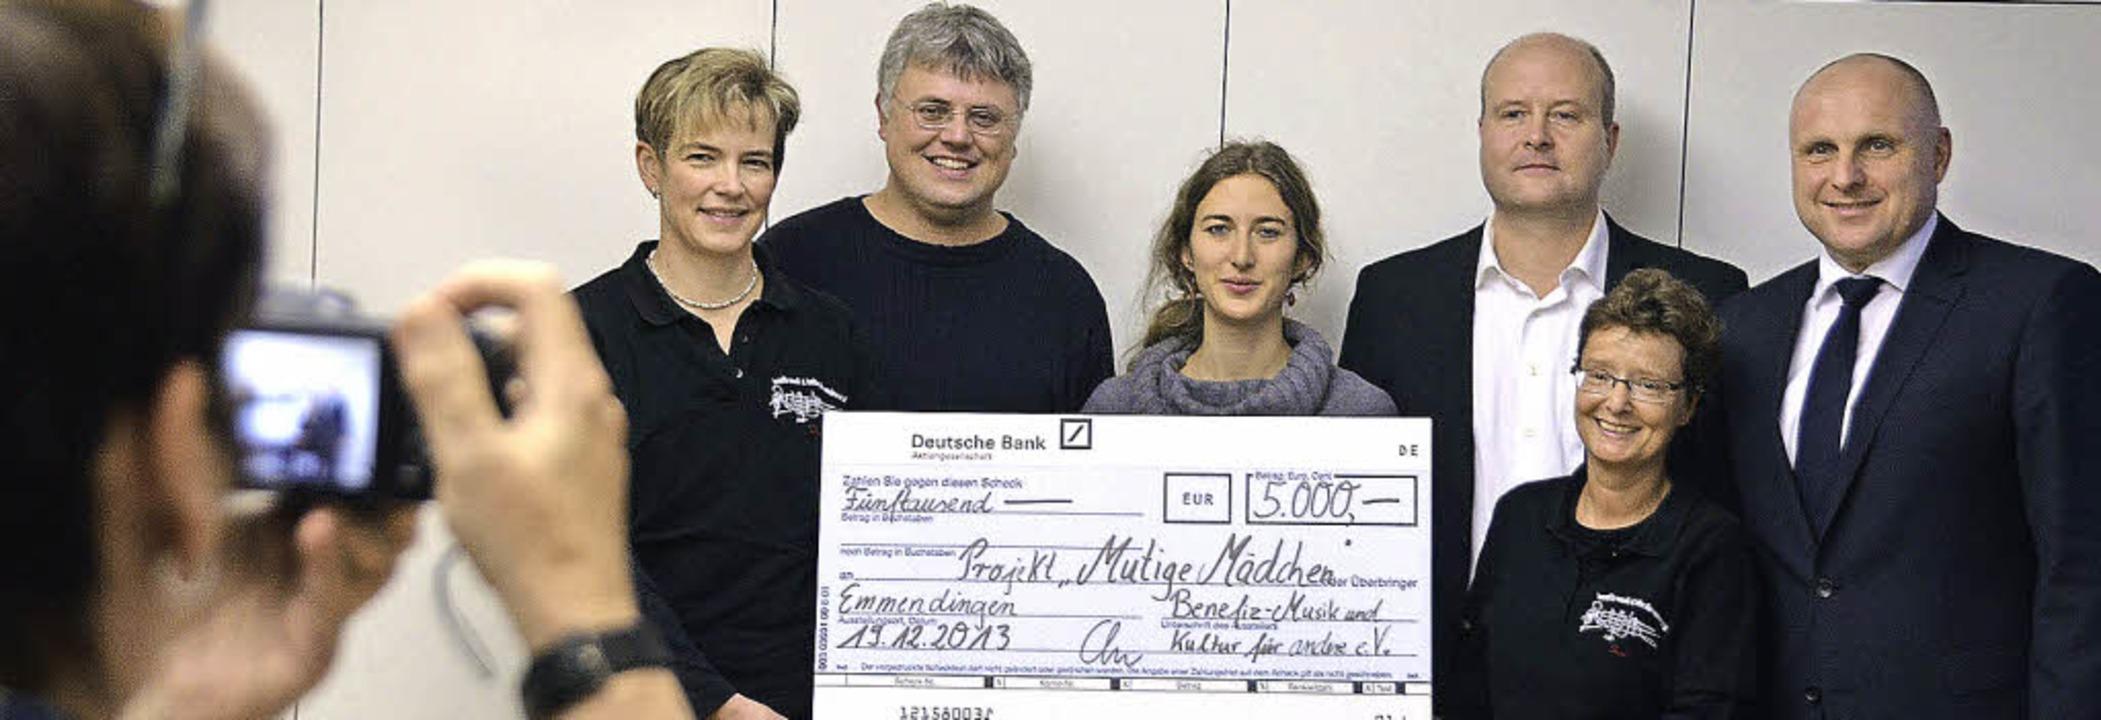 von links Daniela Wolber, Günter Krieg...latterer; Birgitta Weiher fotografiert    Foto: Sylvia-Karina Jahn